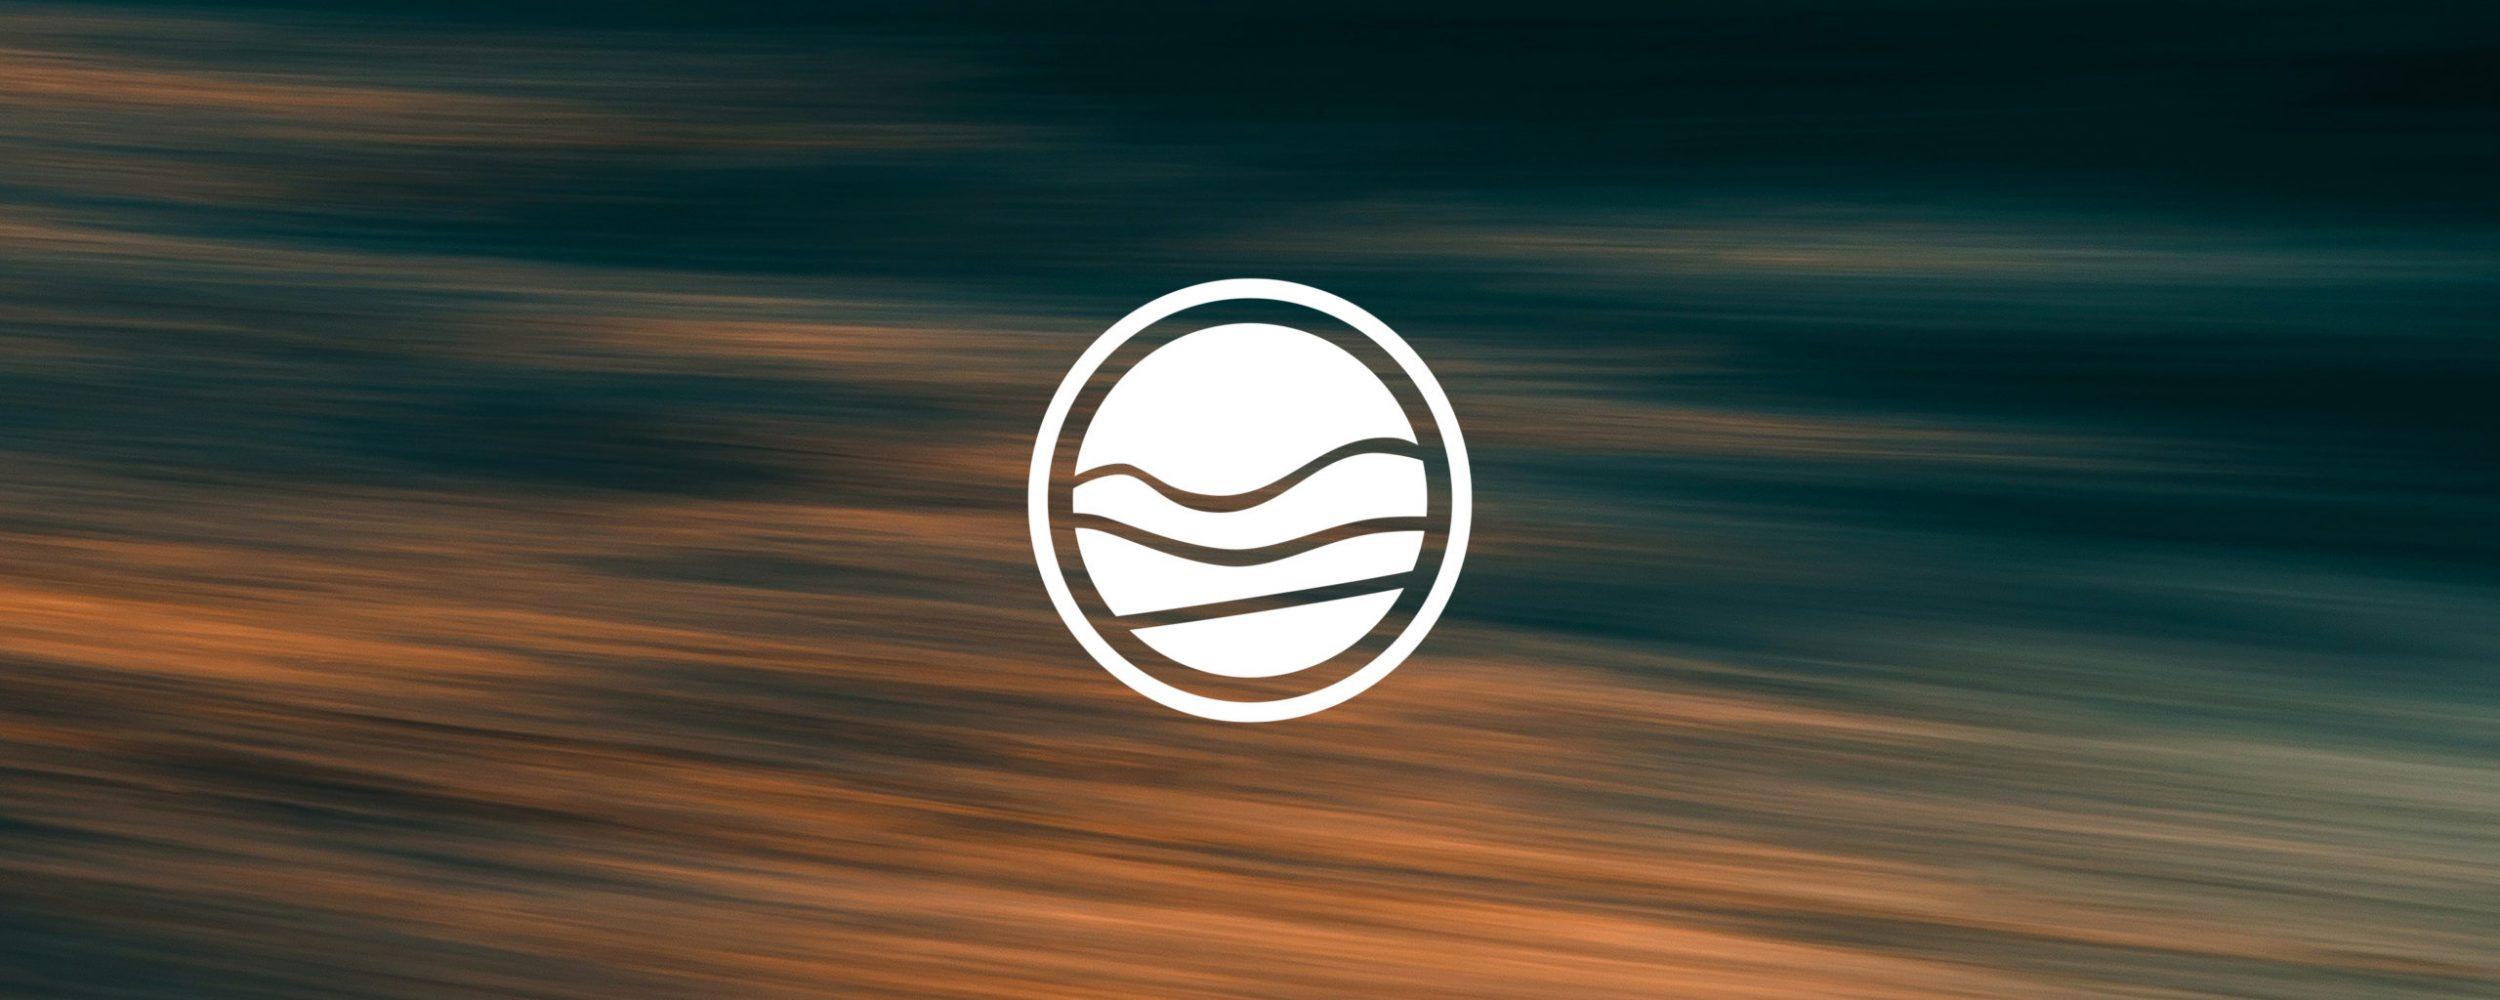 White flat logo design for Harbour Church Portsmouth | Logo Design Berkshire